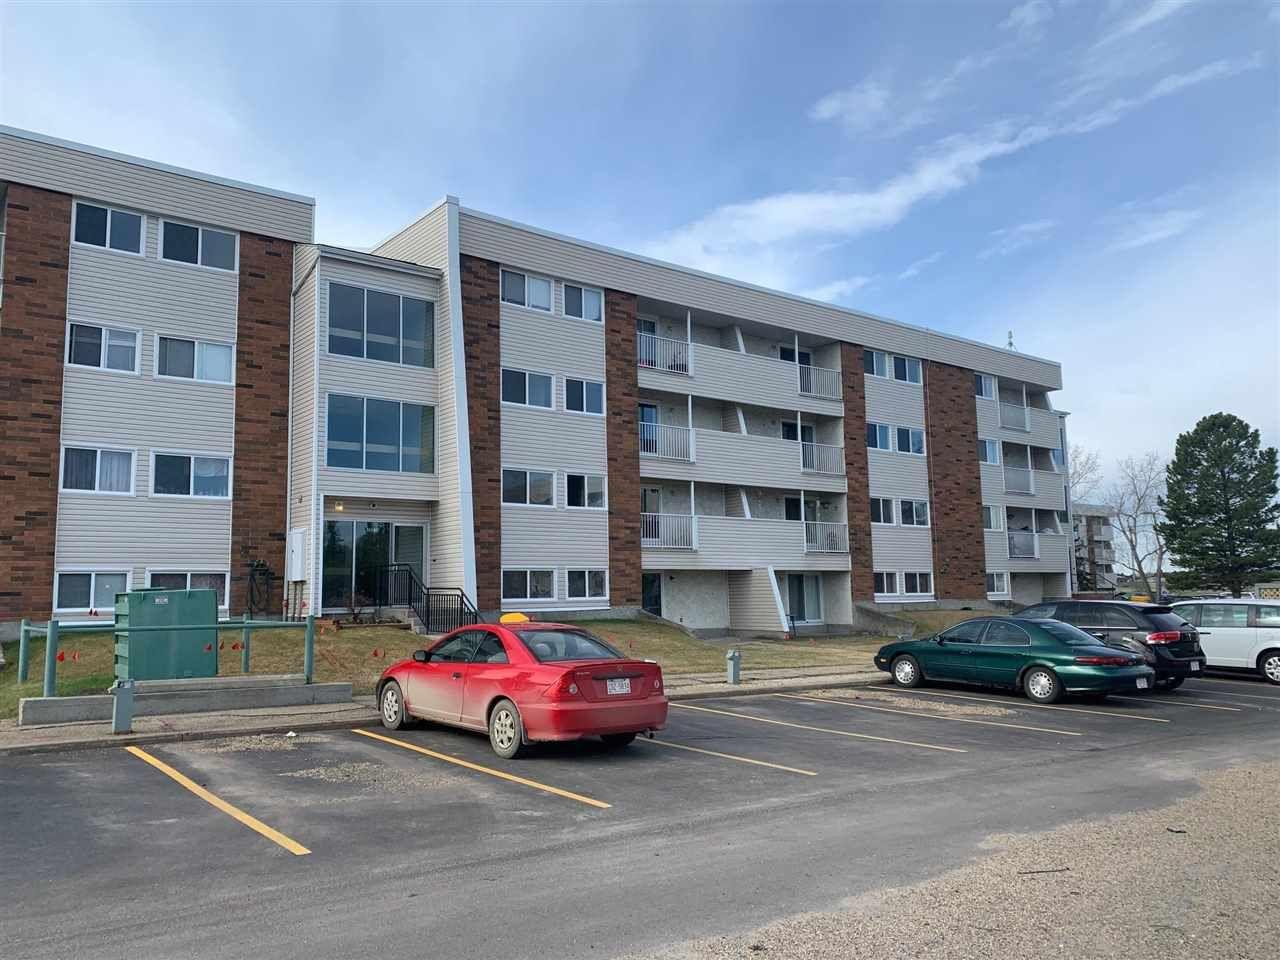 Main Photo: 14 11245 31 Avenue in Edmonton: Zone 16 Condo for sale : MLS®# E4249978